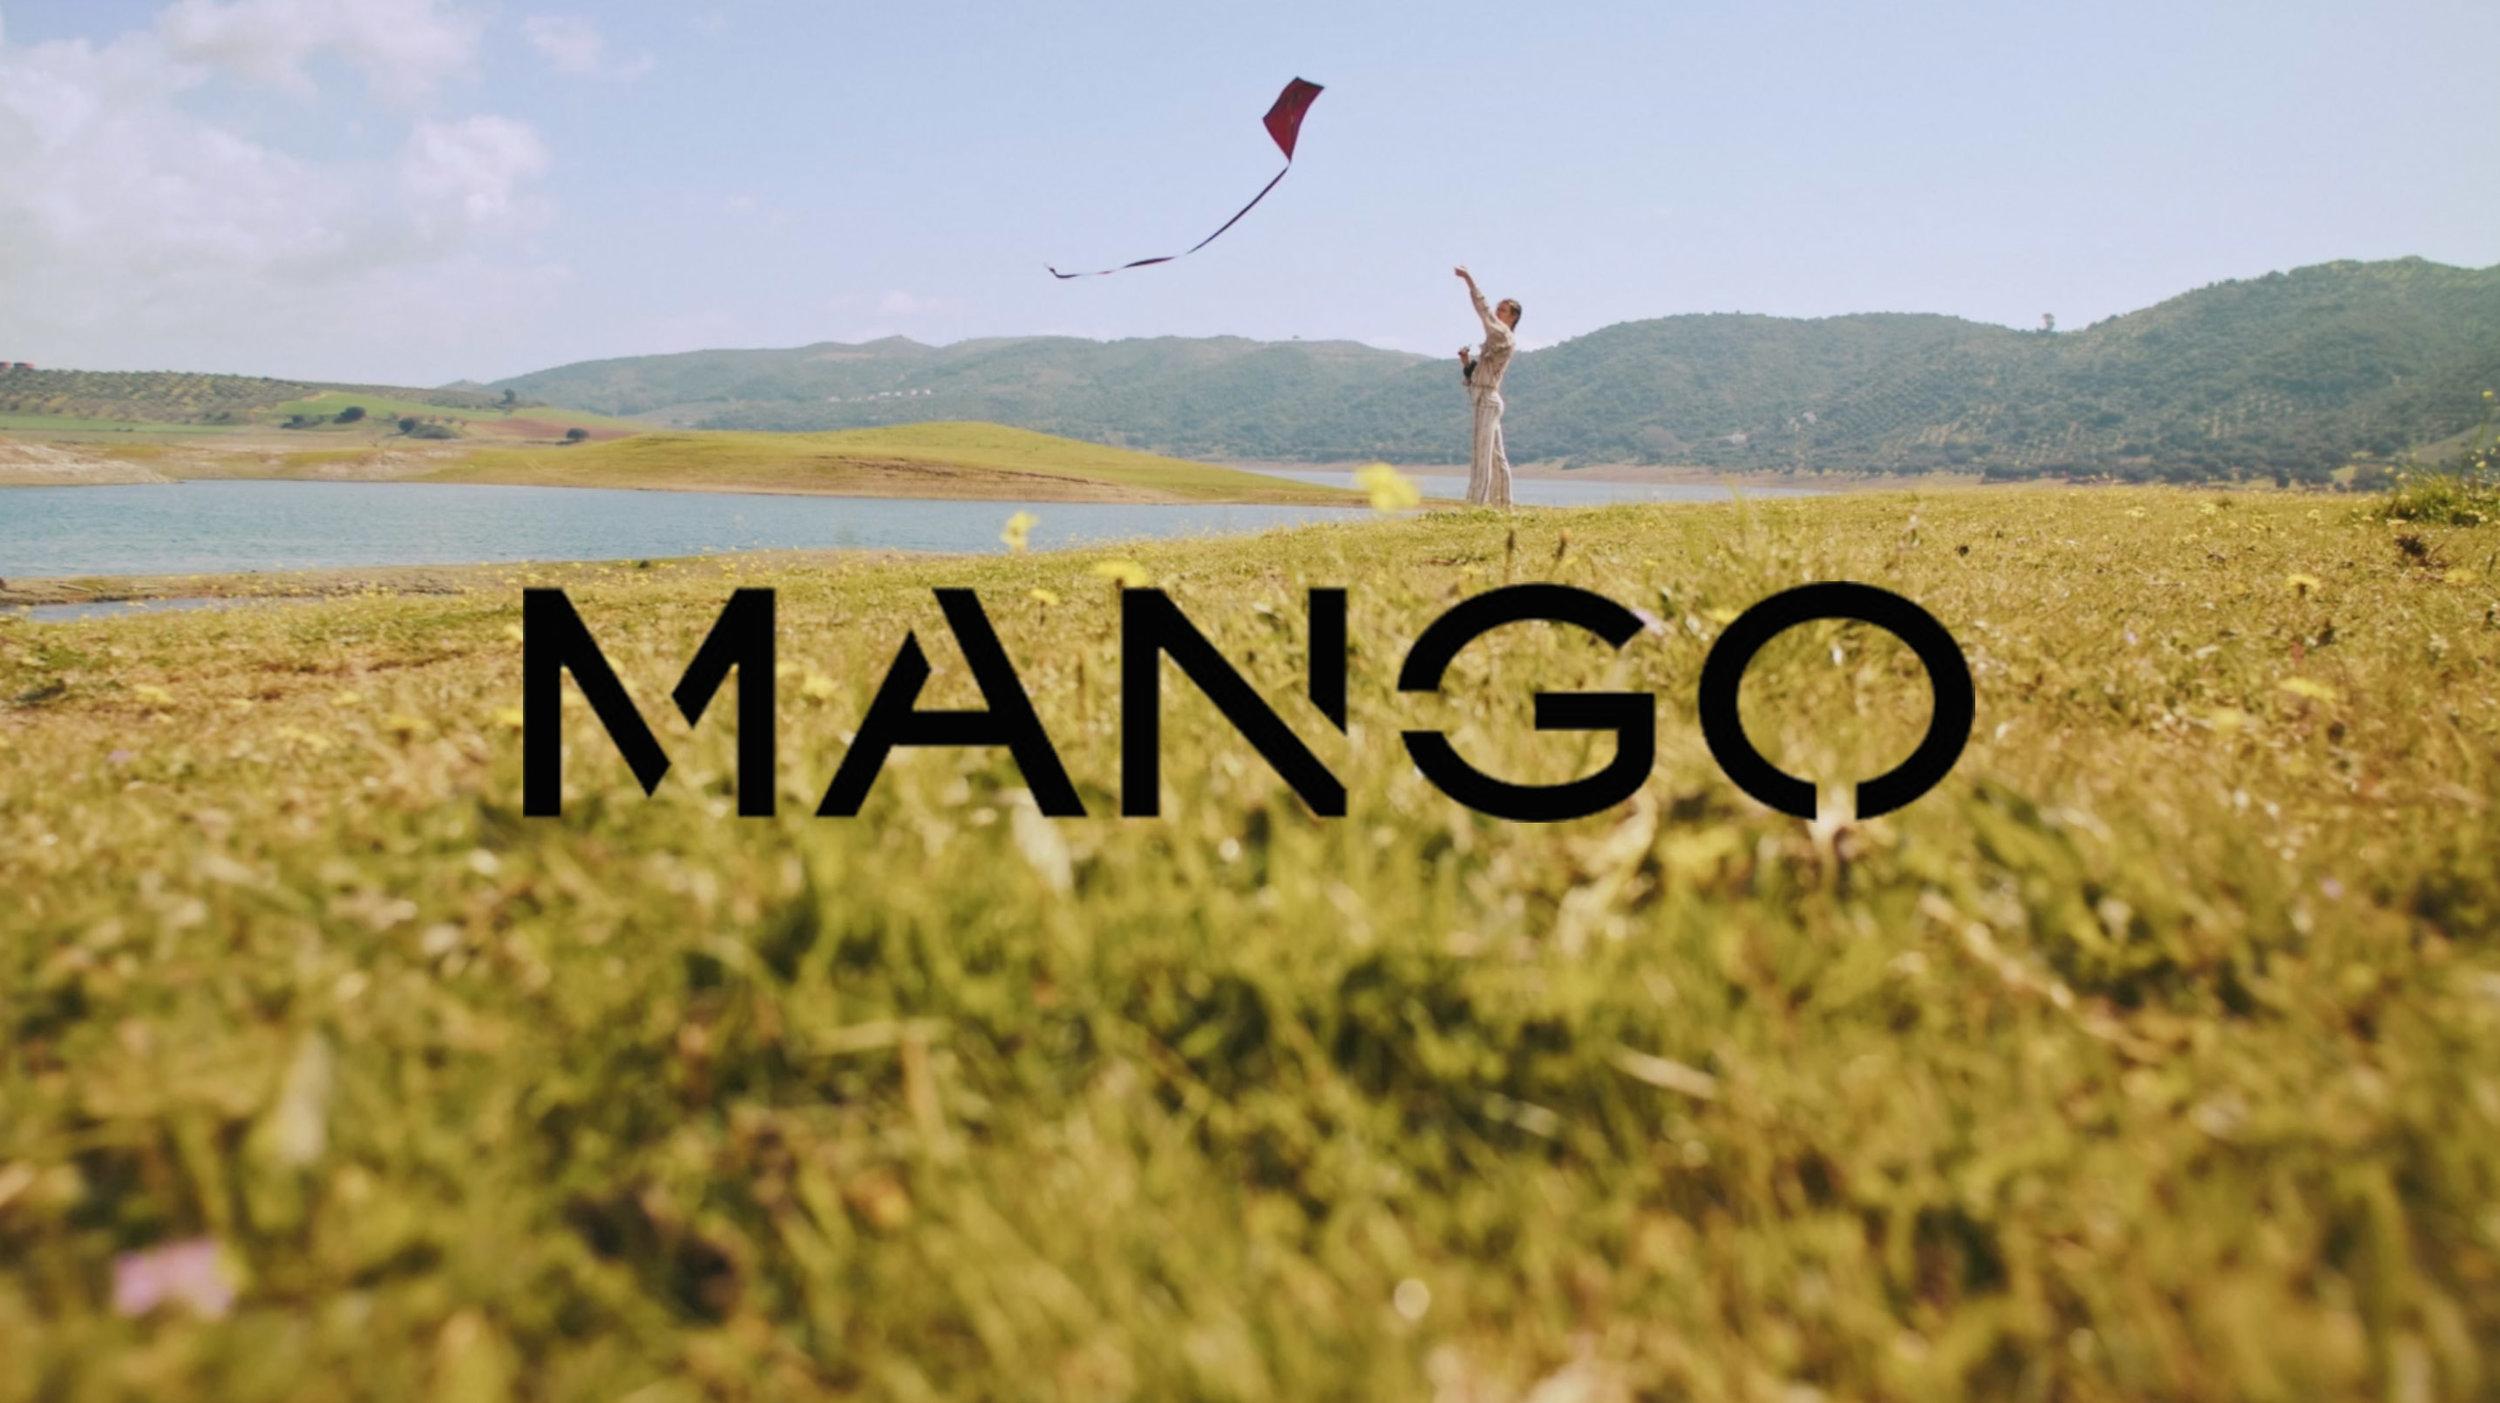 MangoThumbnail.jpg